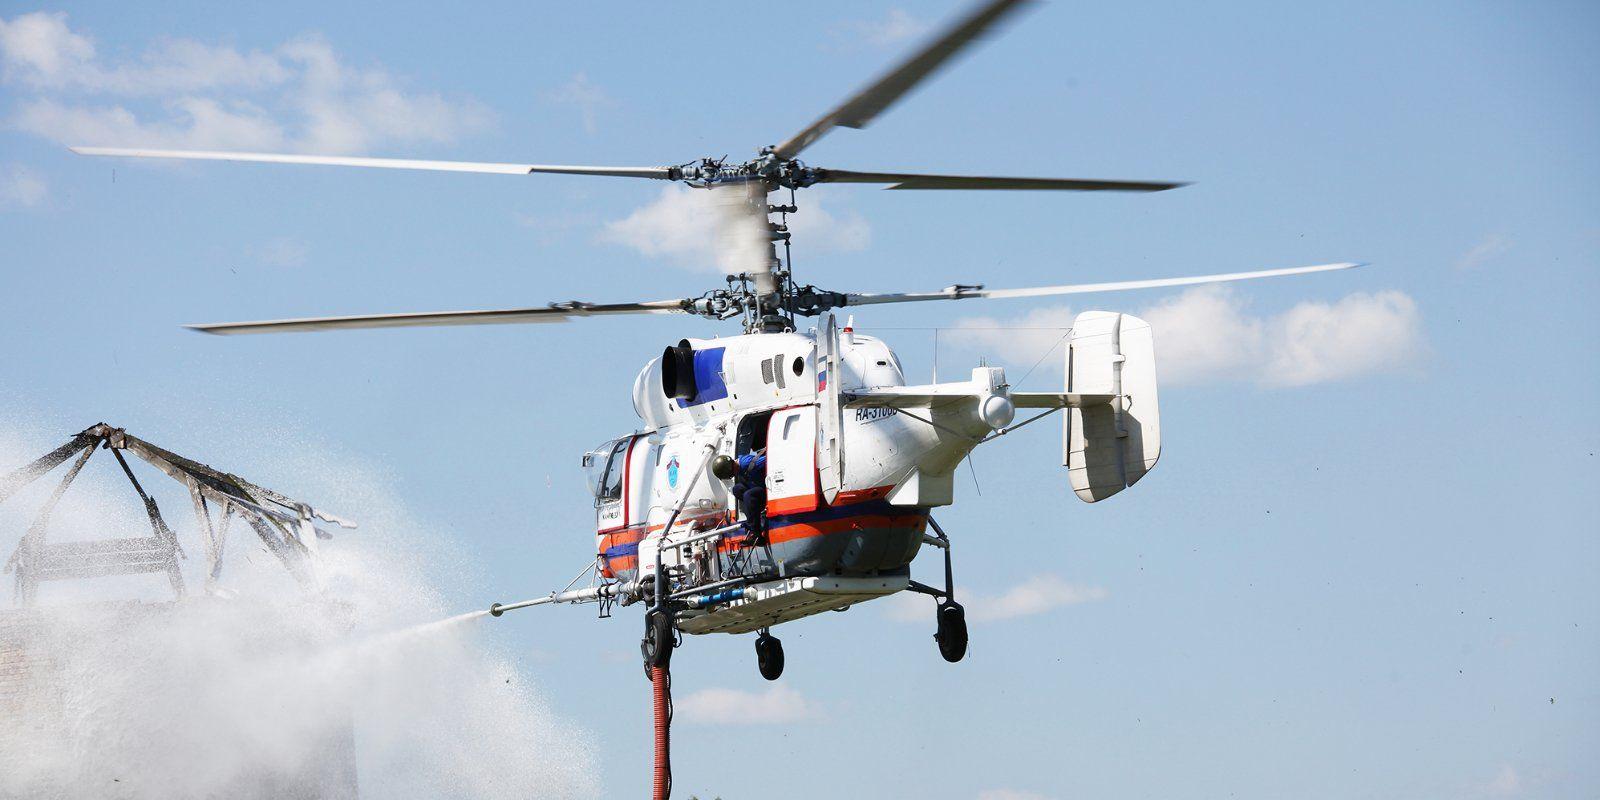 25 лет назад в Москве появилась первая в России вертолетная пожарноспасательная служба